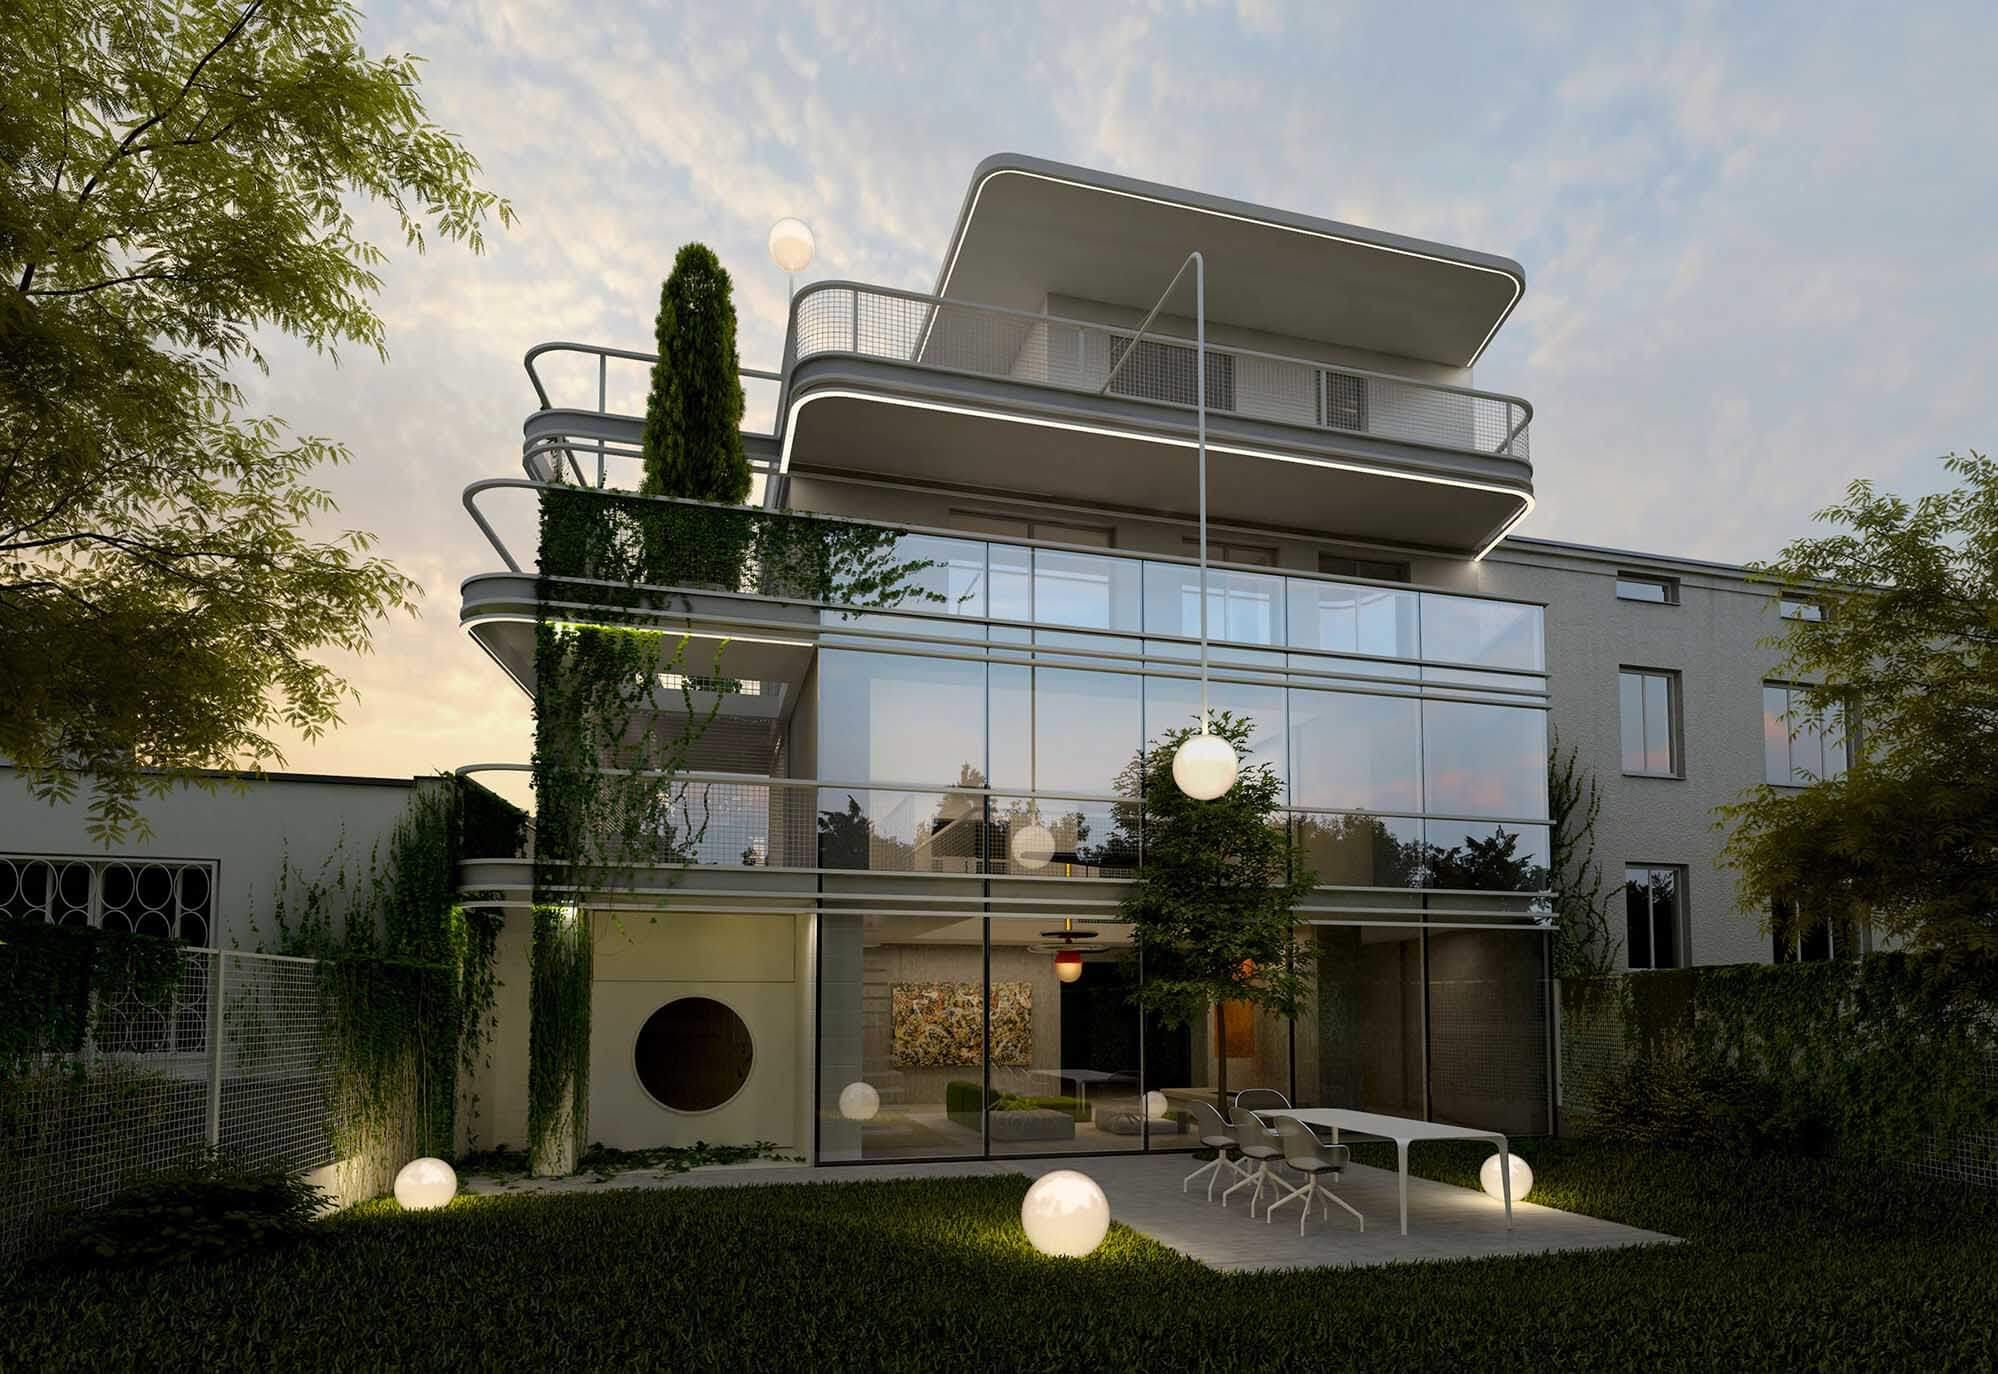 Wizualizacje architektoniczne domu w Warszawie